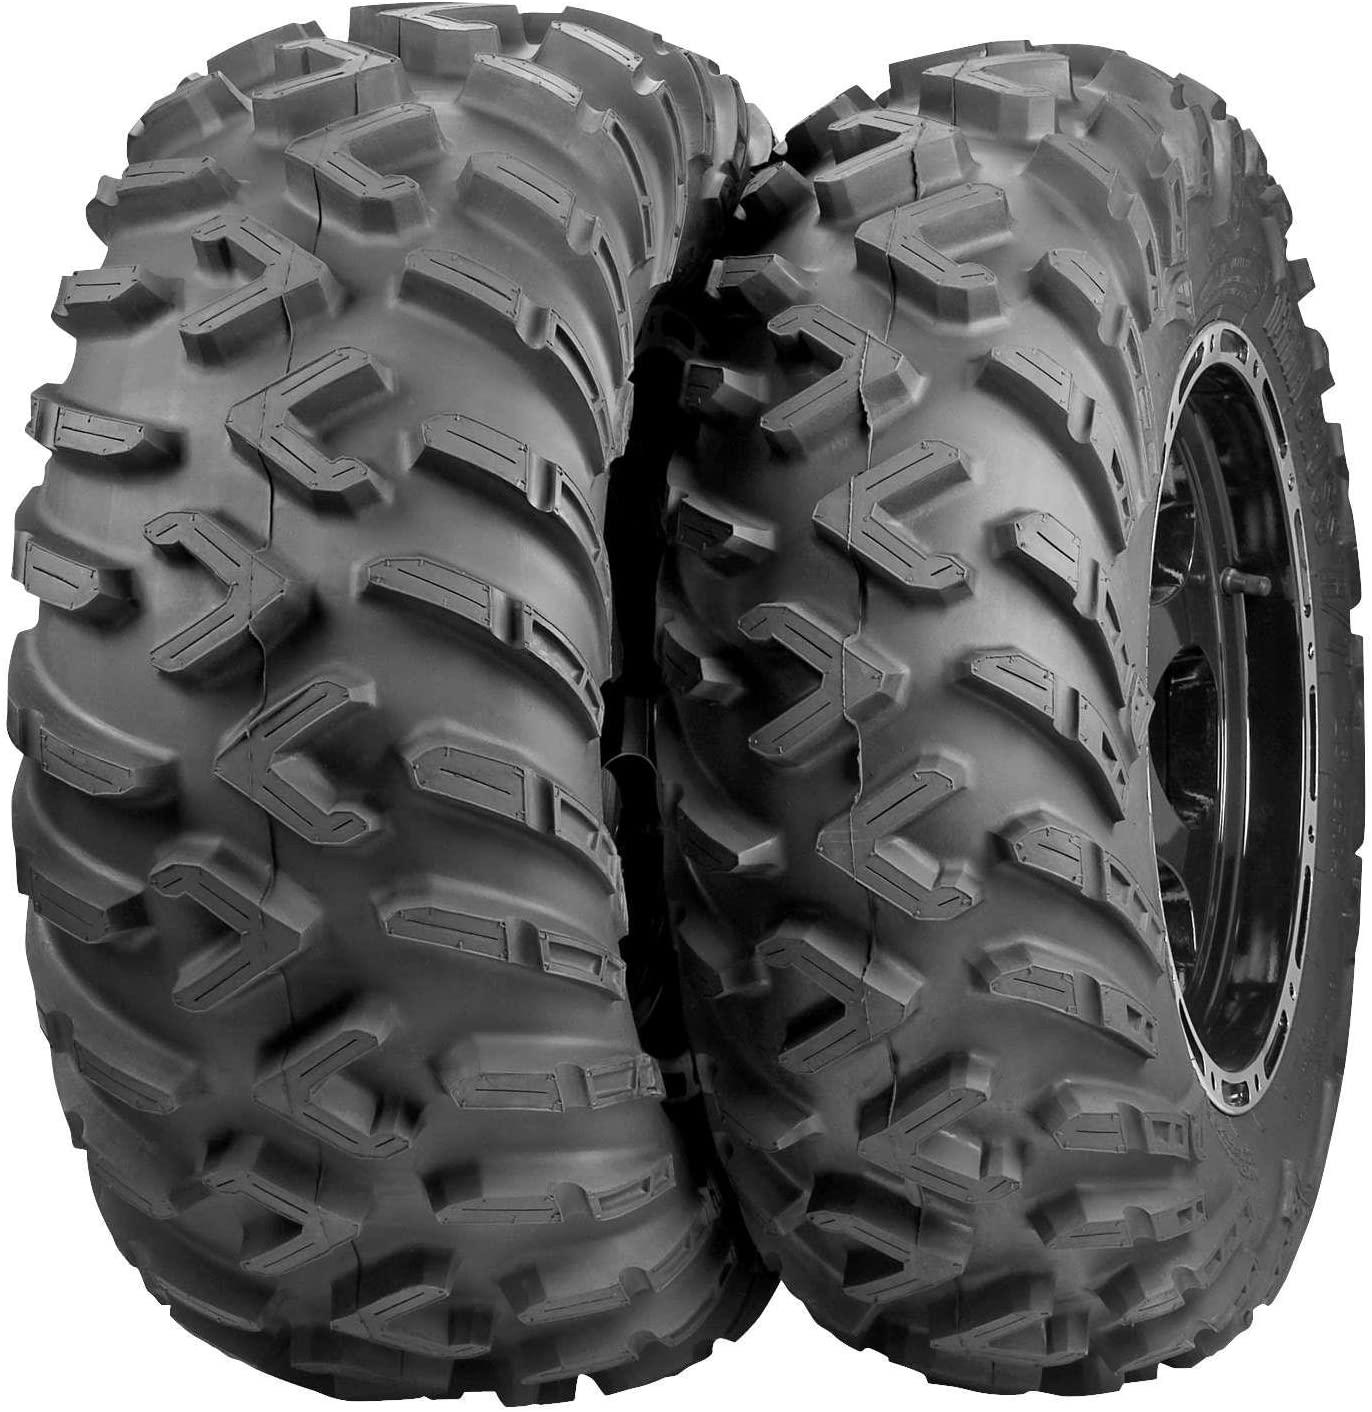 ITP Terra Cross R/T Tire (26x10-14)